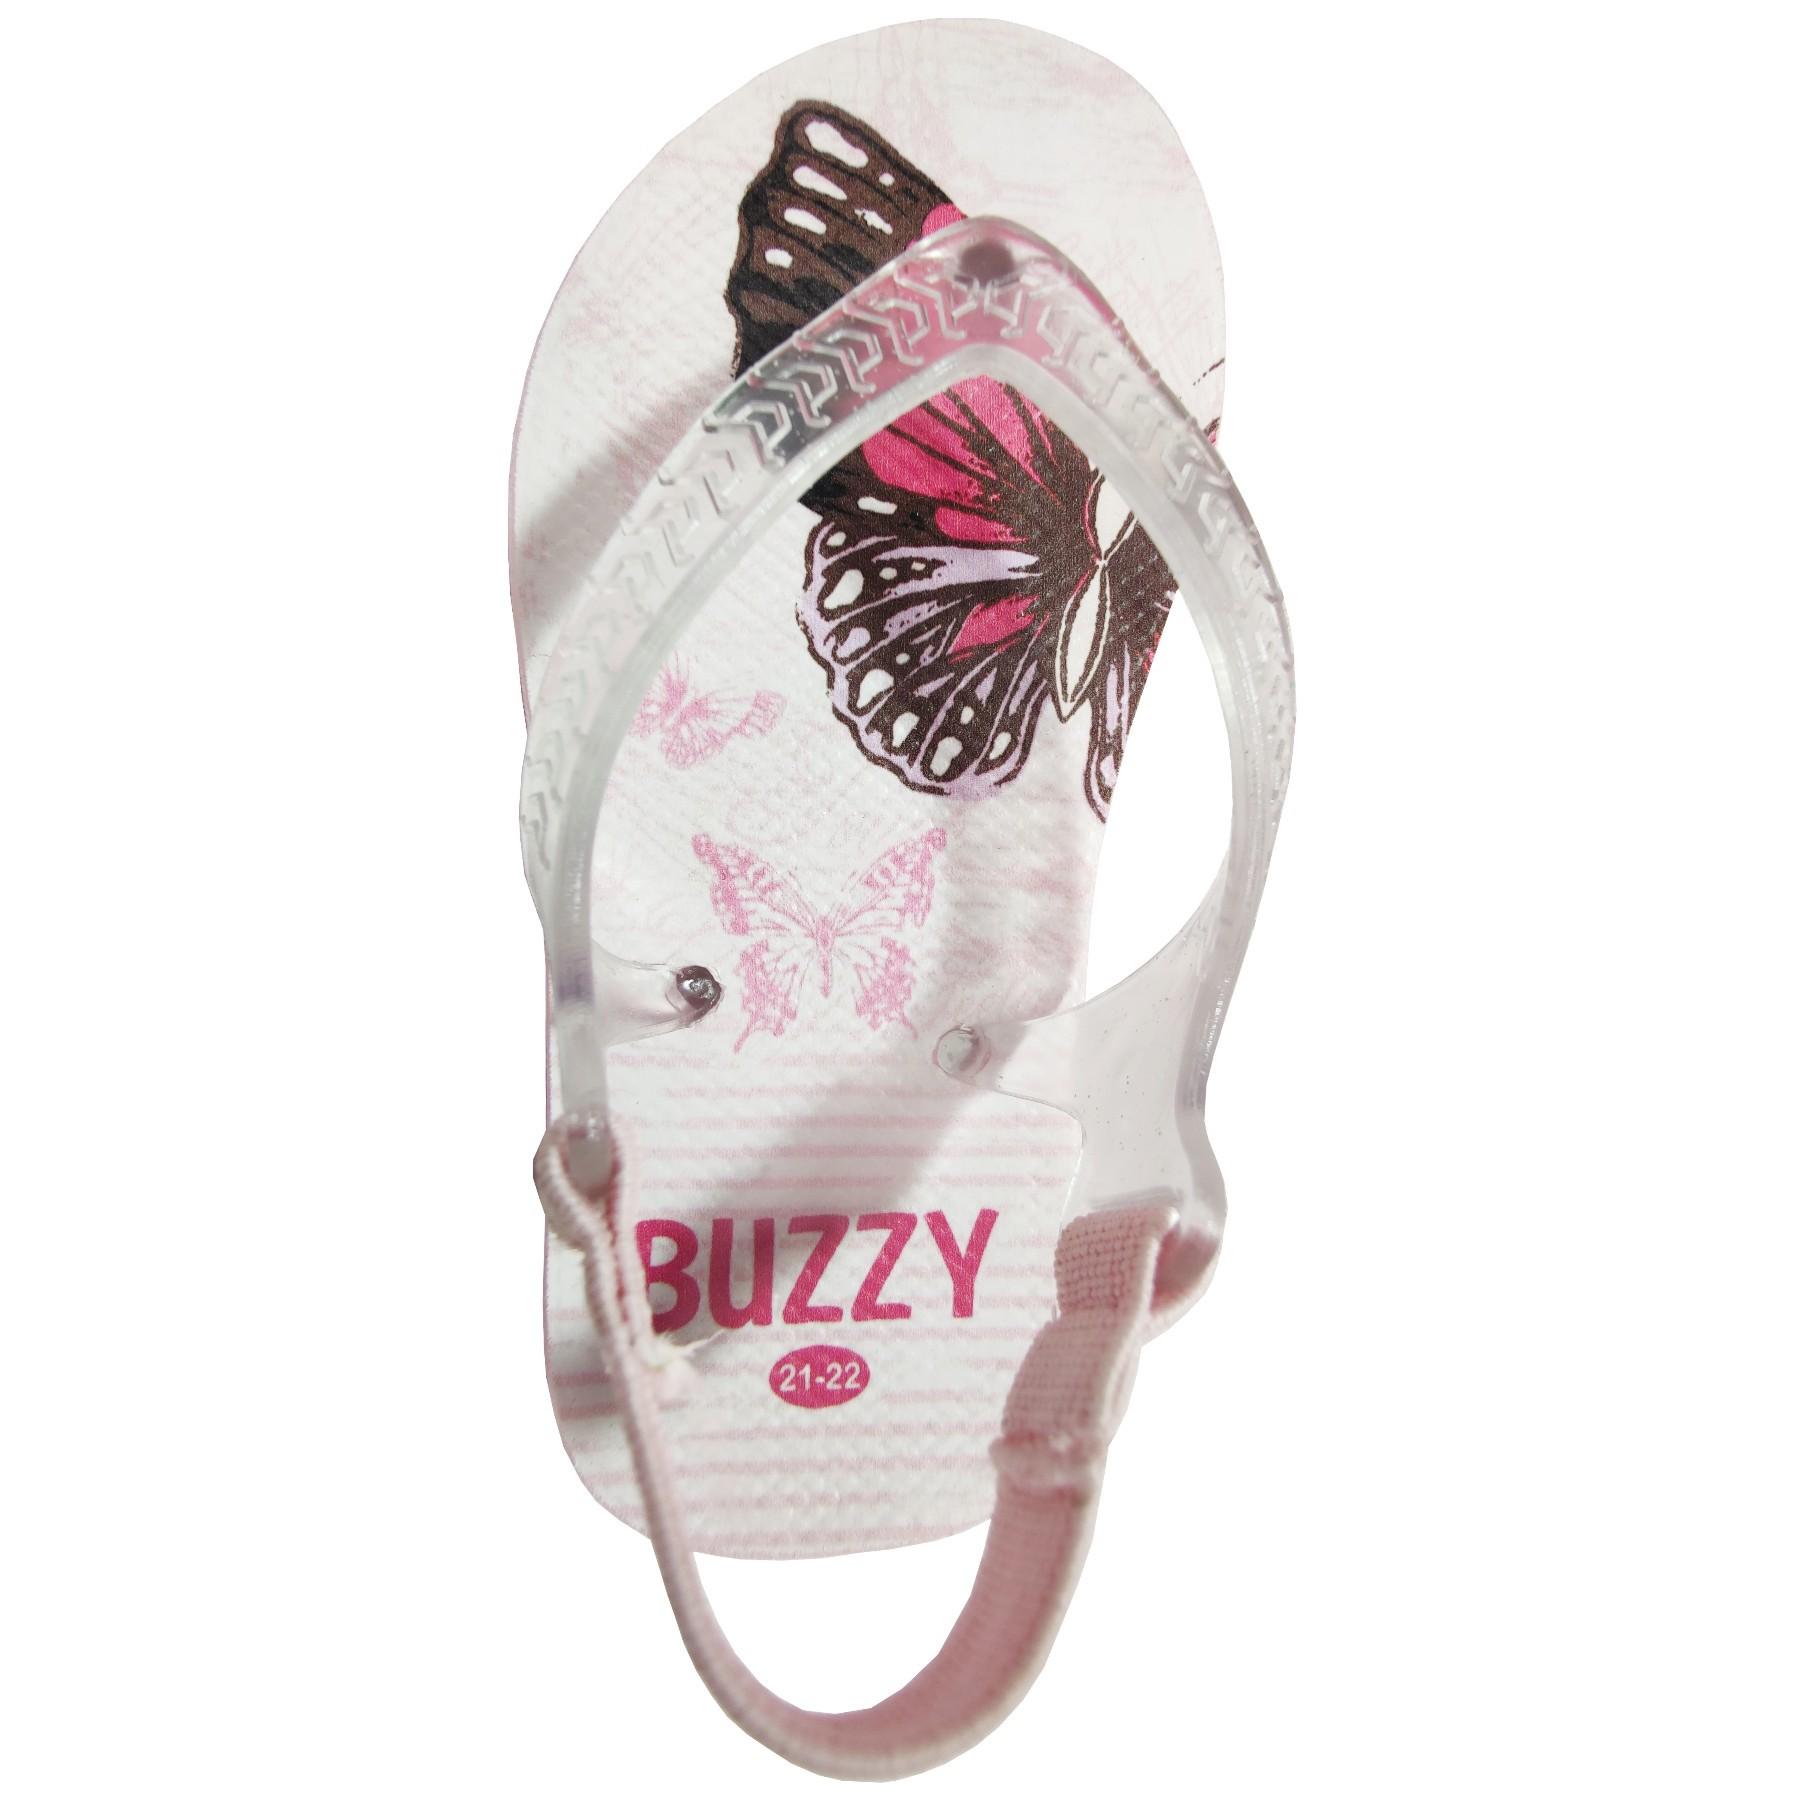 Chinelo Bebê Buzzy Sandália Infantil Borboleta Meninas BZ022